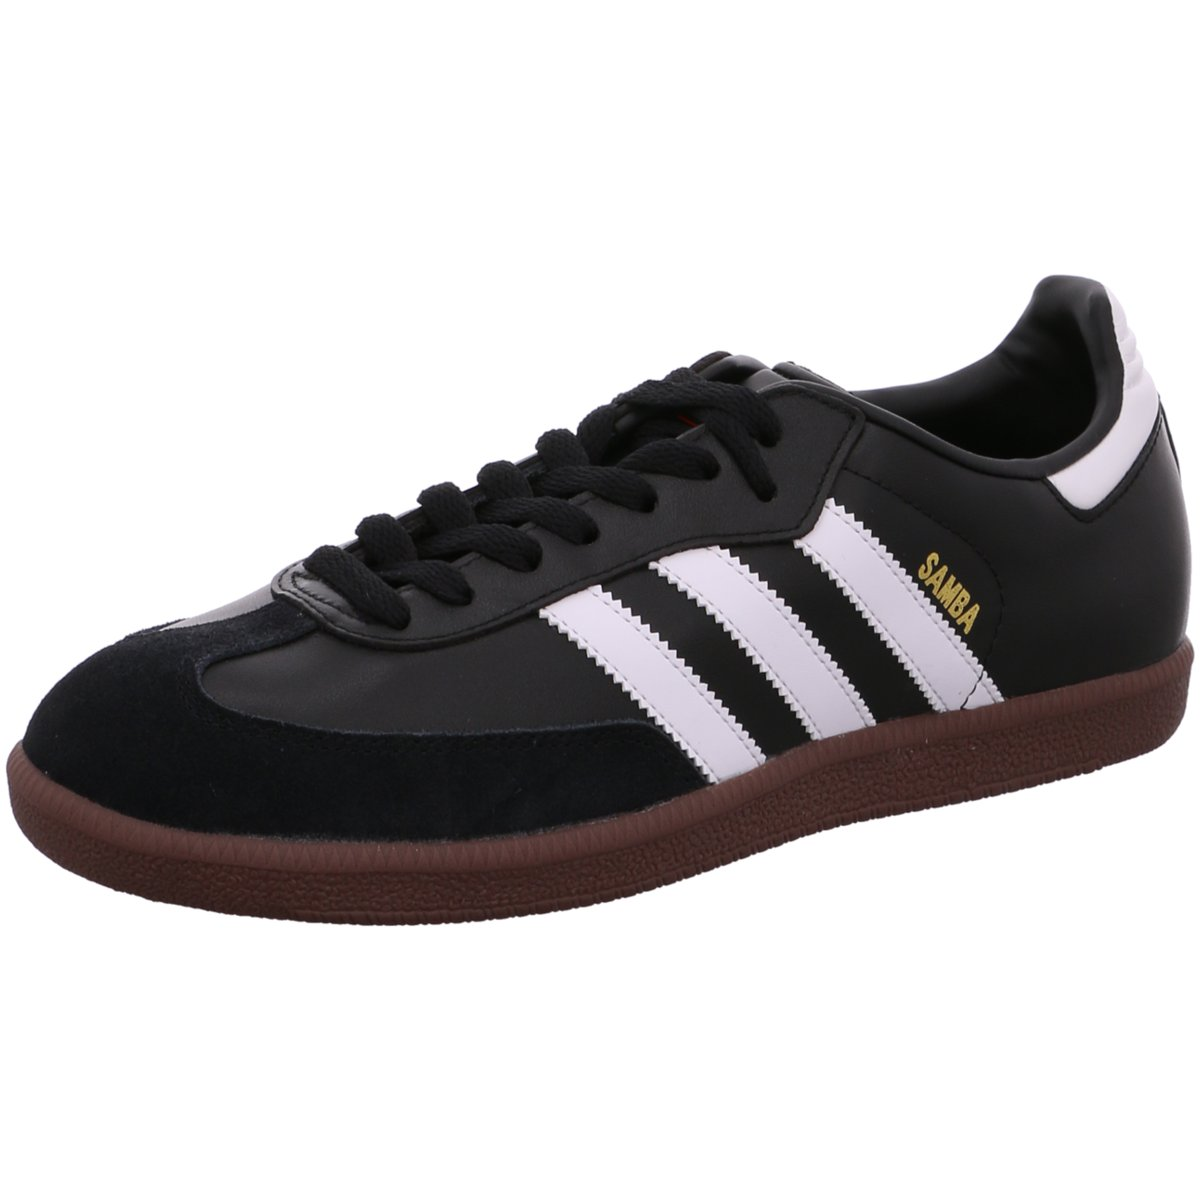 sports shoes hot sale online sneakers Details zu #S2K adidas Herren Sportschuhe Samba Herren Fußball Hallenschuhe  schwarz weiß